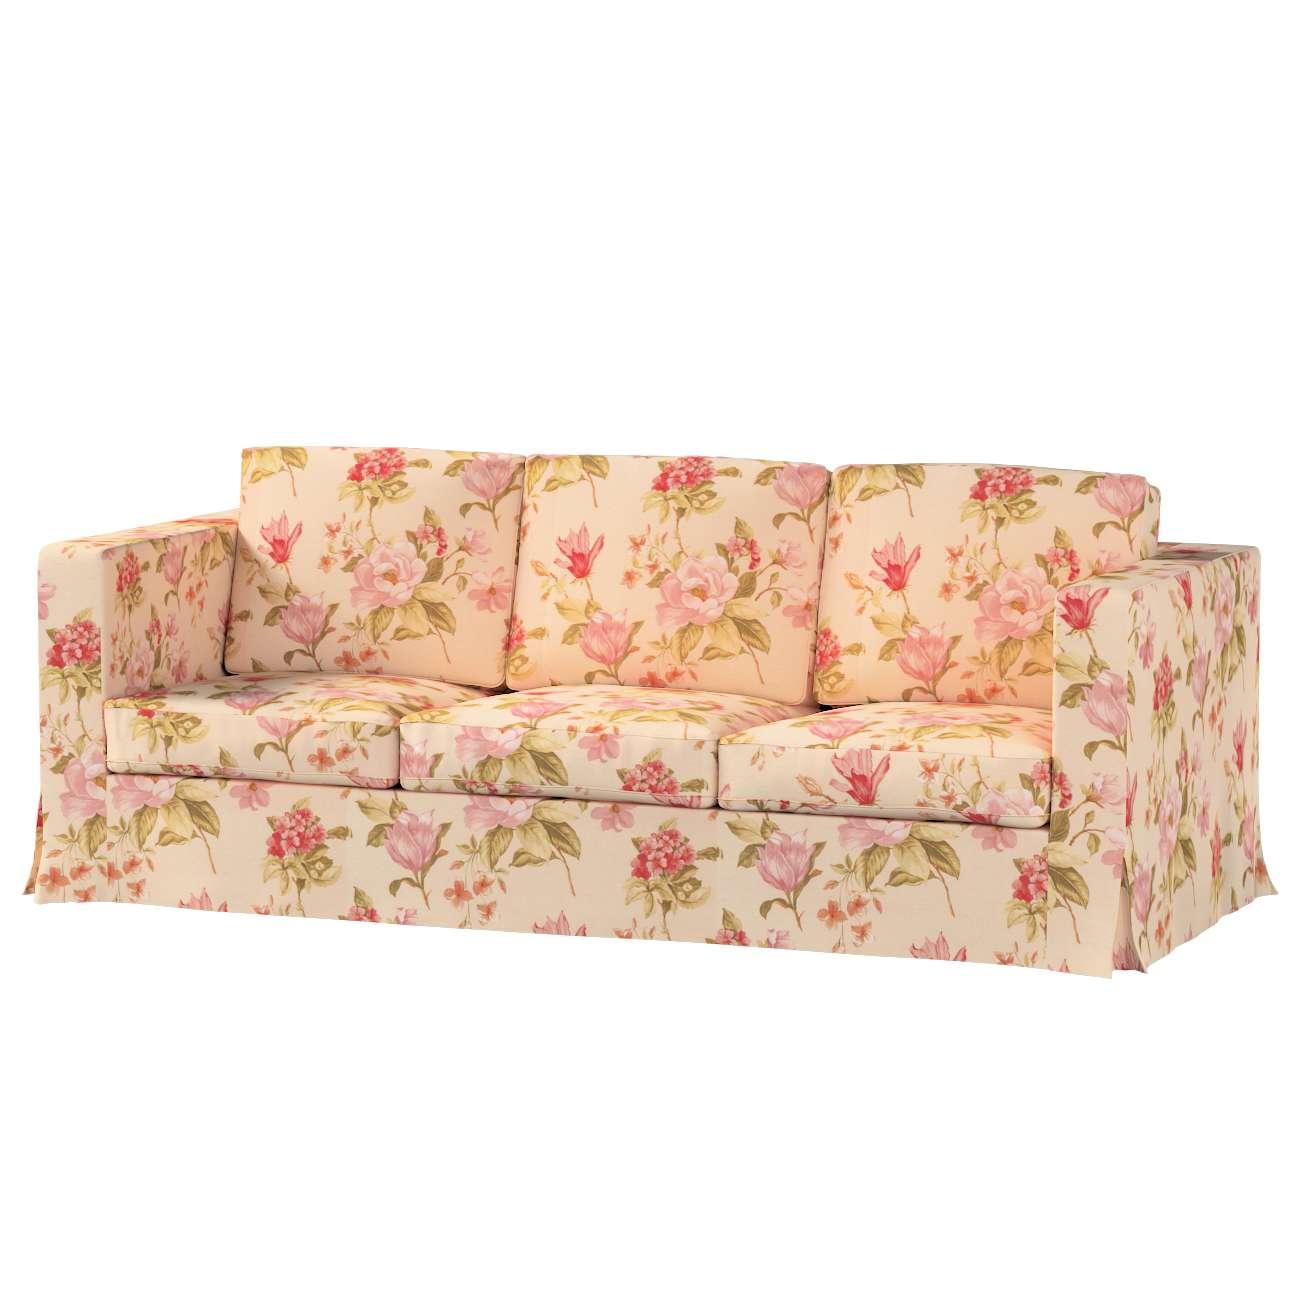 Bezug für Karlanda 3-Sitzer Sofa nicht ausklappbar, lang von der Kollektion Londres, Stoff: 123-05